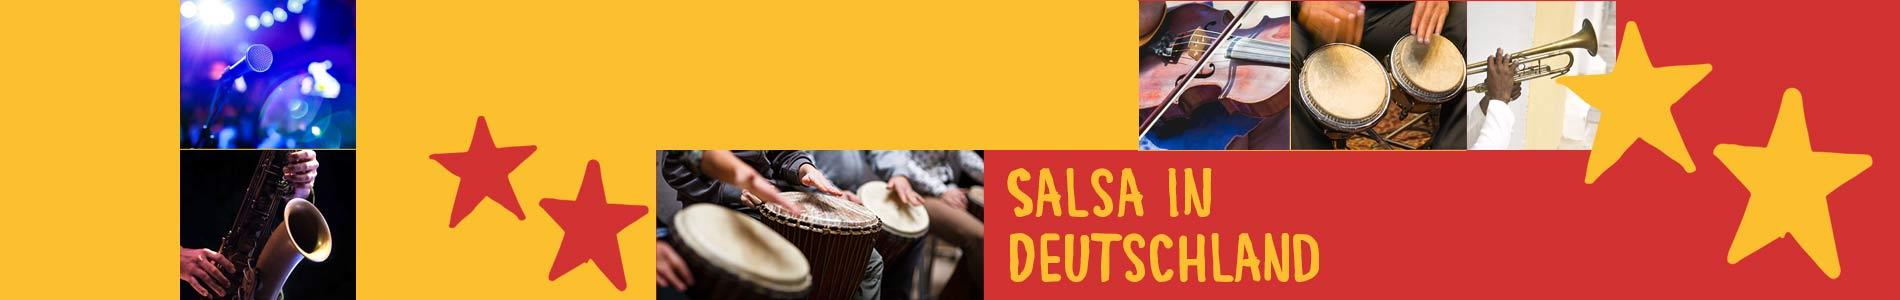 Salsa in Bovenau – Salsa lernen und tanzen, Tanzkurse, Partys, Veranstaltungen